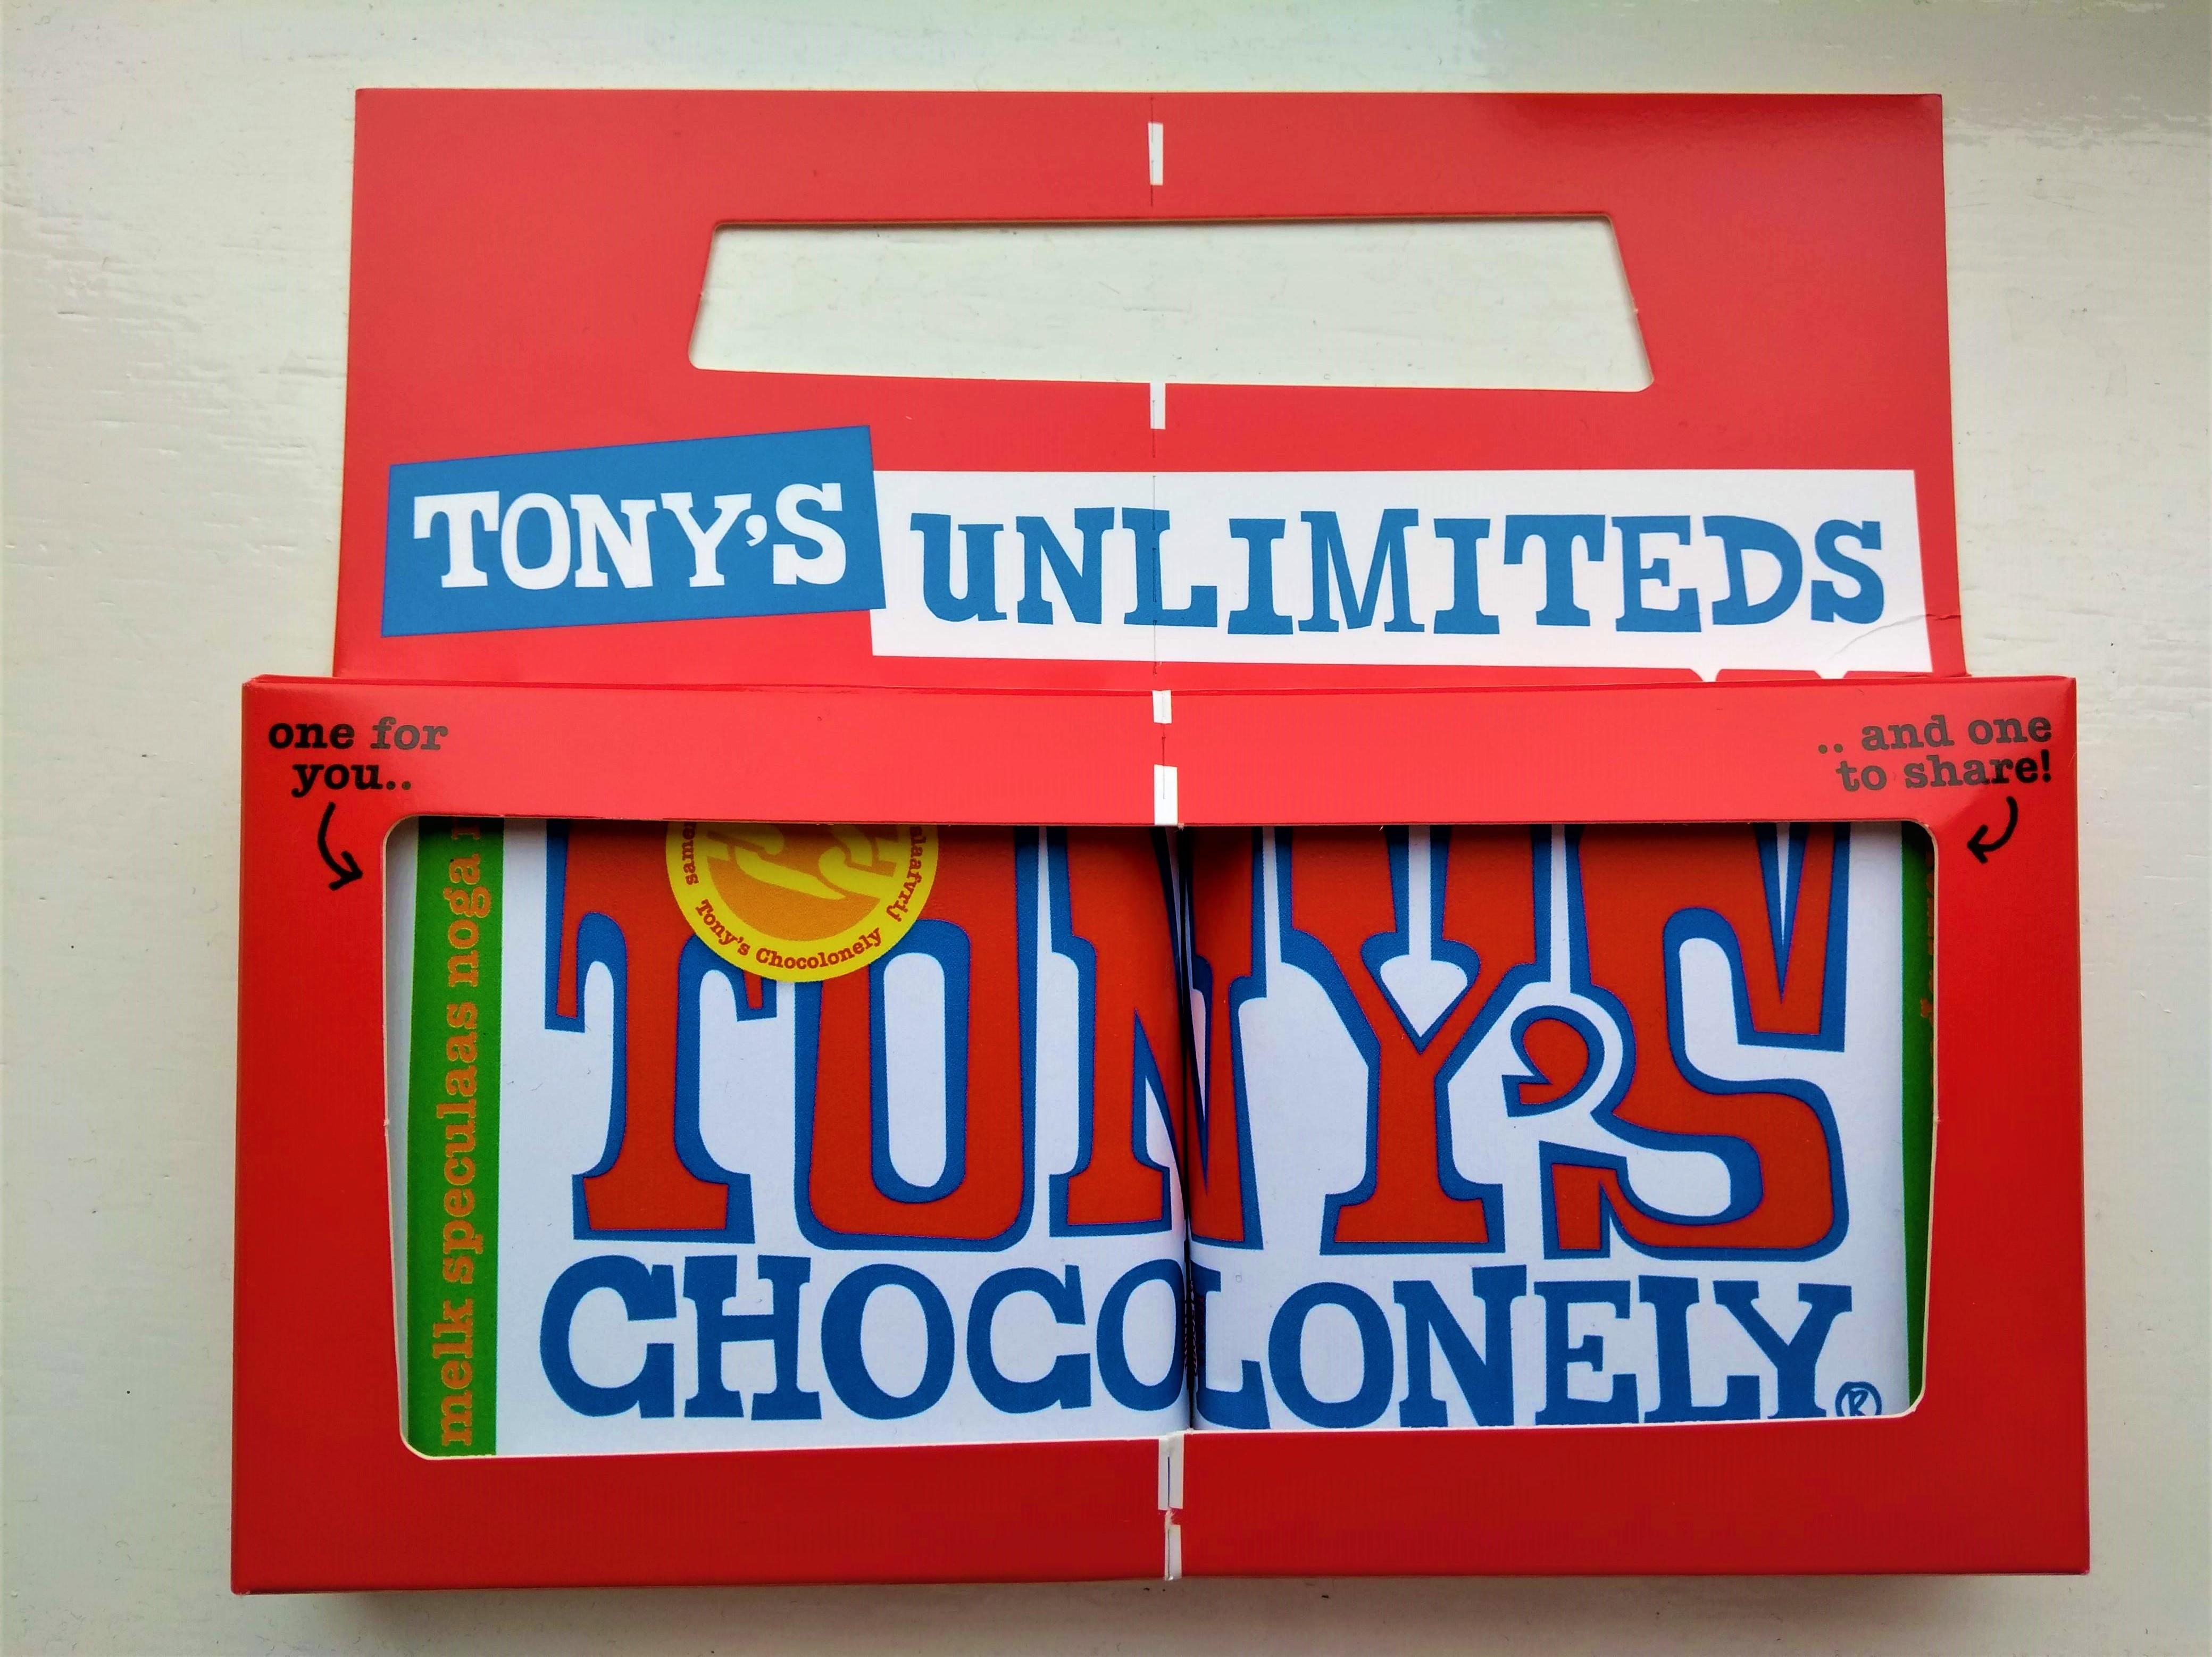 Maak je eigen Tony's